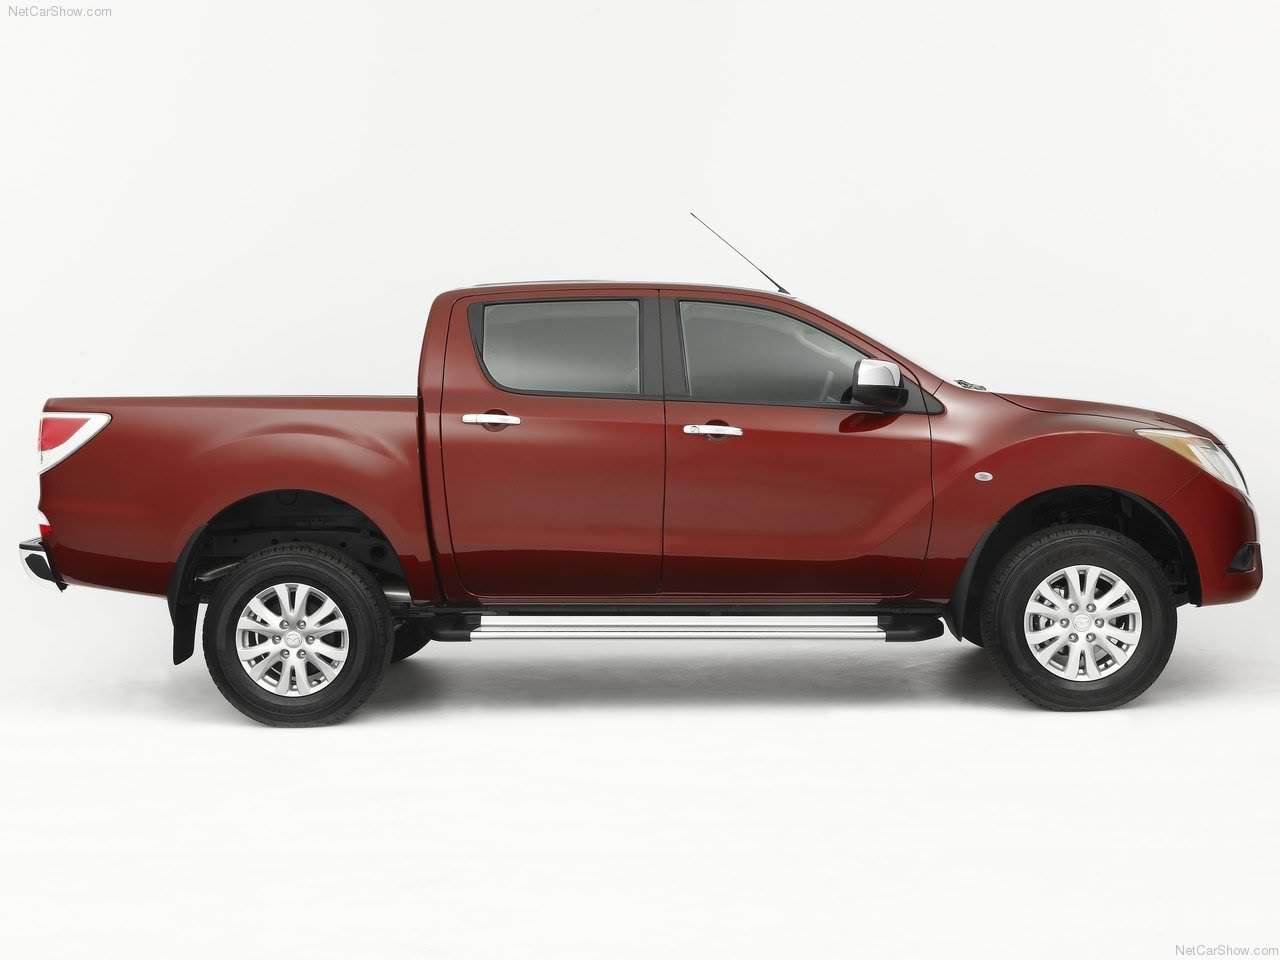 http://1.bp.blogspot.com/_VhauxWEJh34/TMF3DtgP9bI/AAAAAAAALw8/J7zLqzzP4IY/s1600/Mazda-BT-50_2012_1280x960_wallpaper_02.jpg